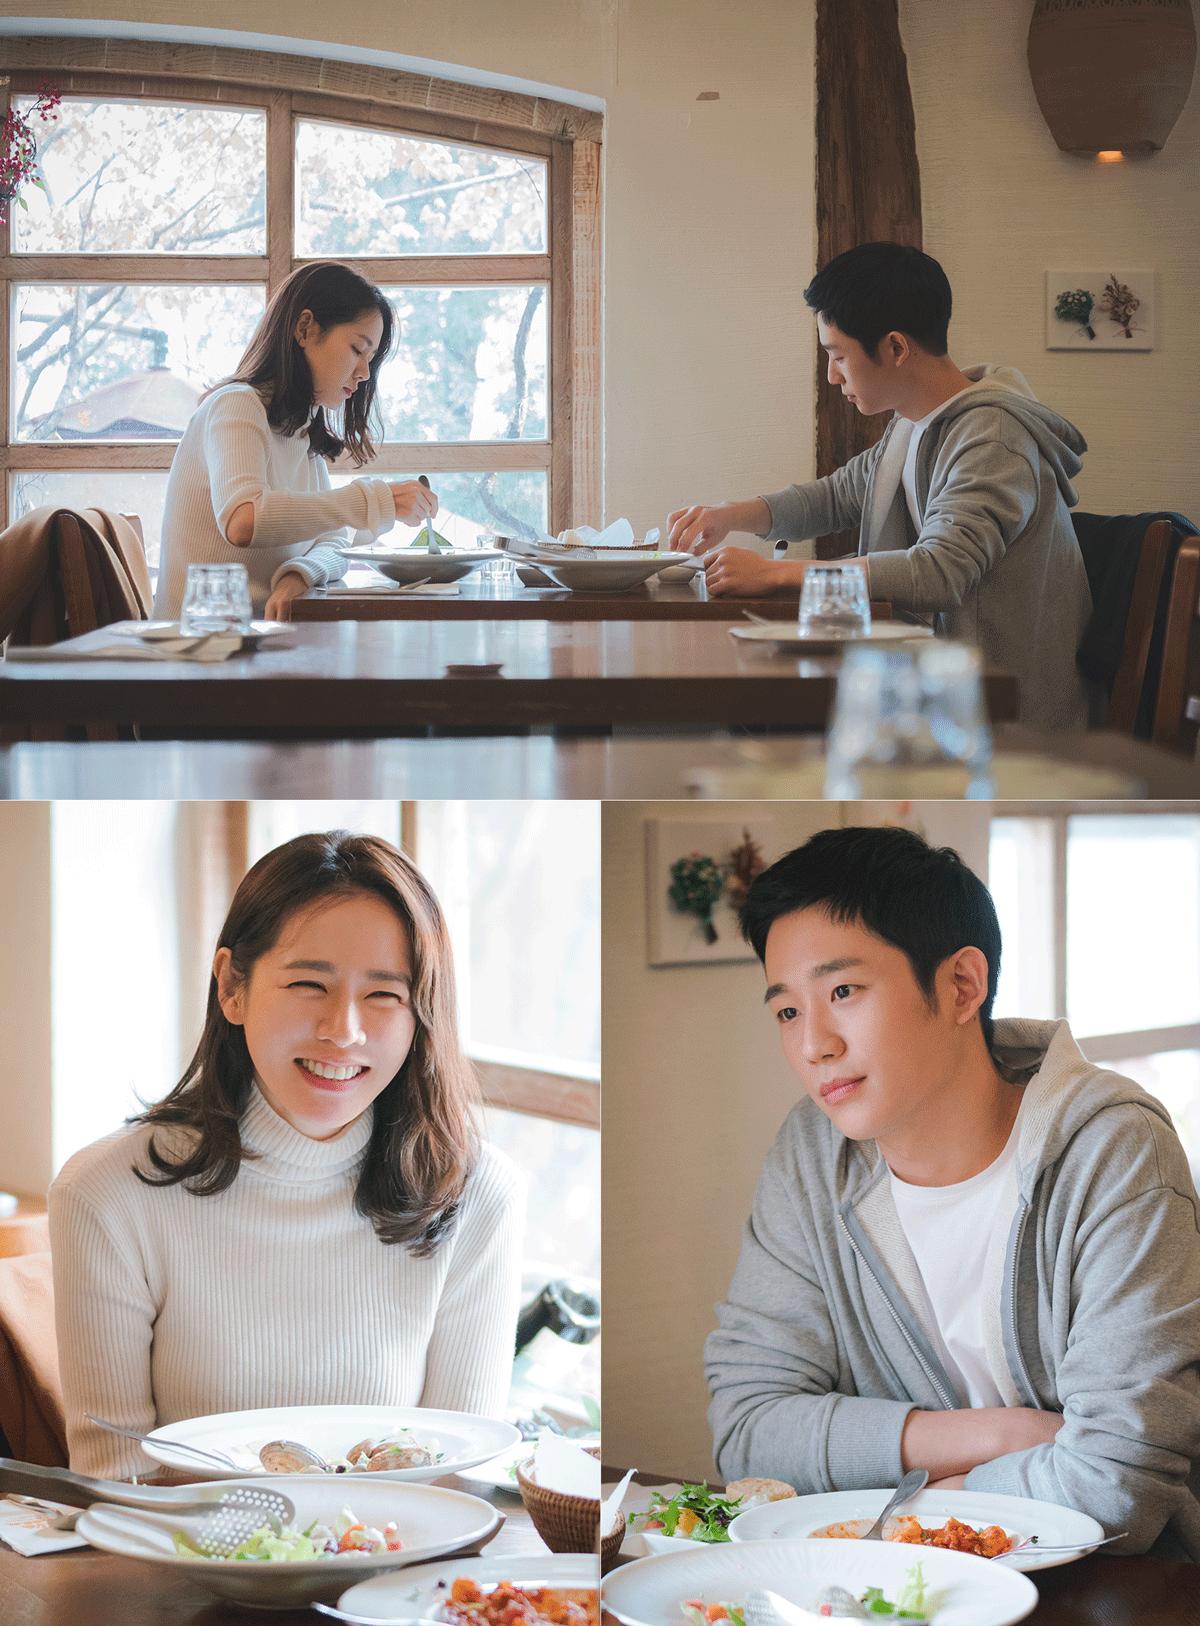 '예쁜 누나' 손예진-정해인, '멜로 눈빛'으로 기대감↑ '사랑스러운 커플'